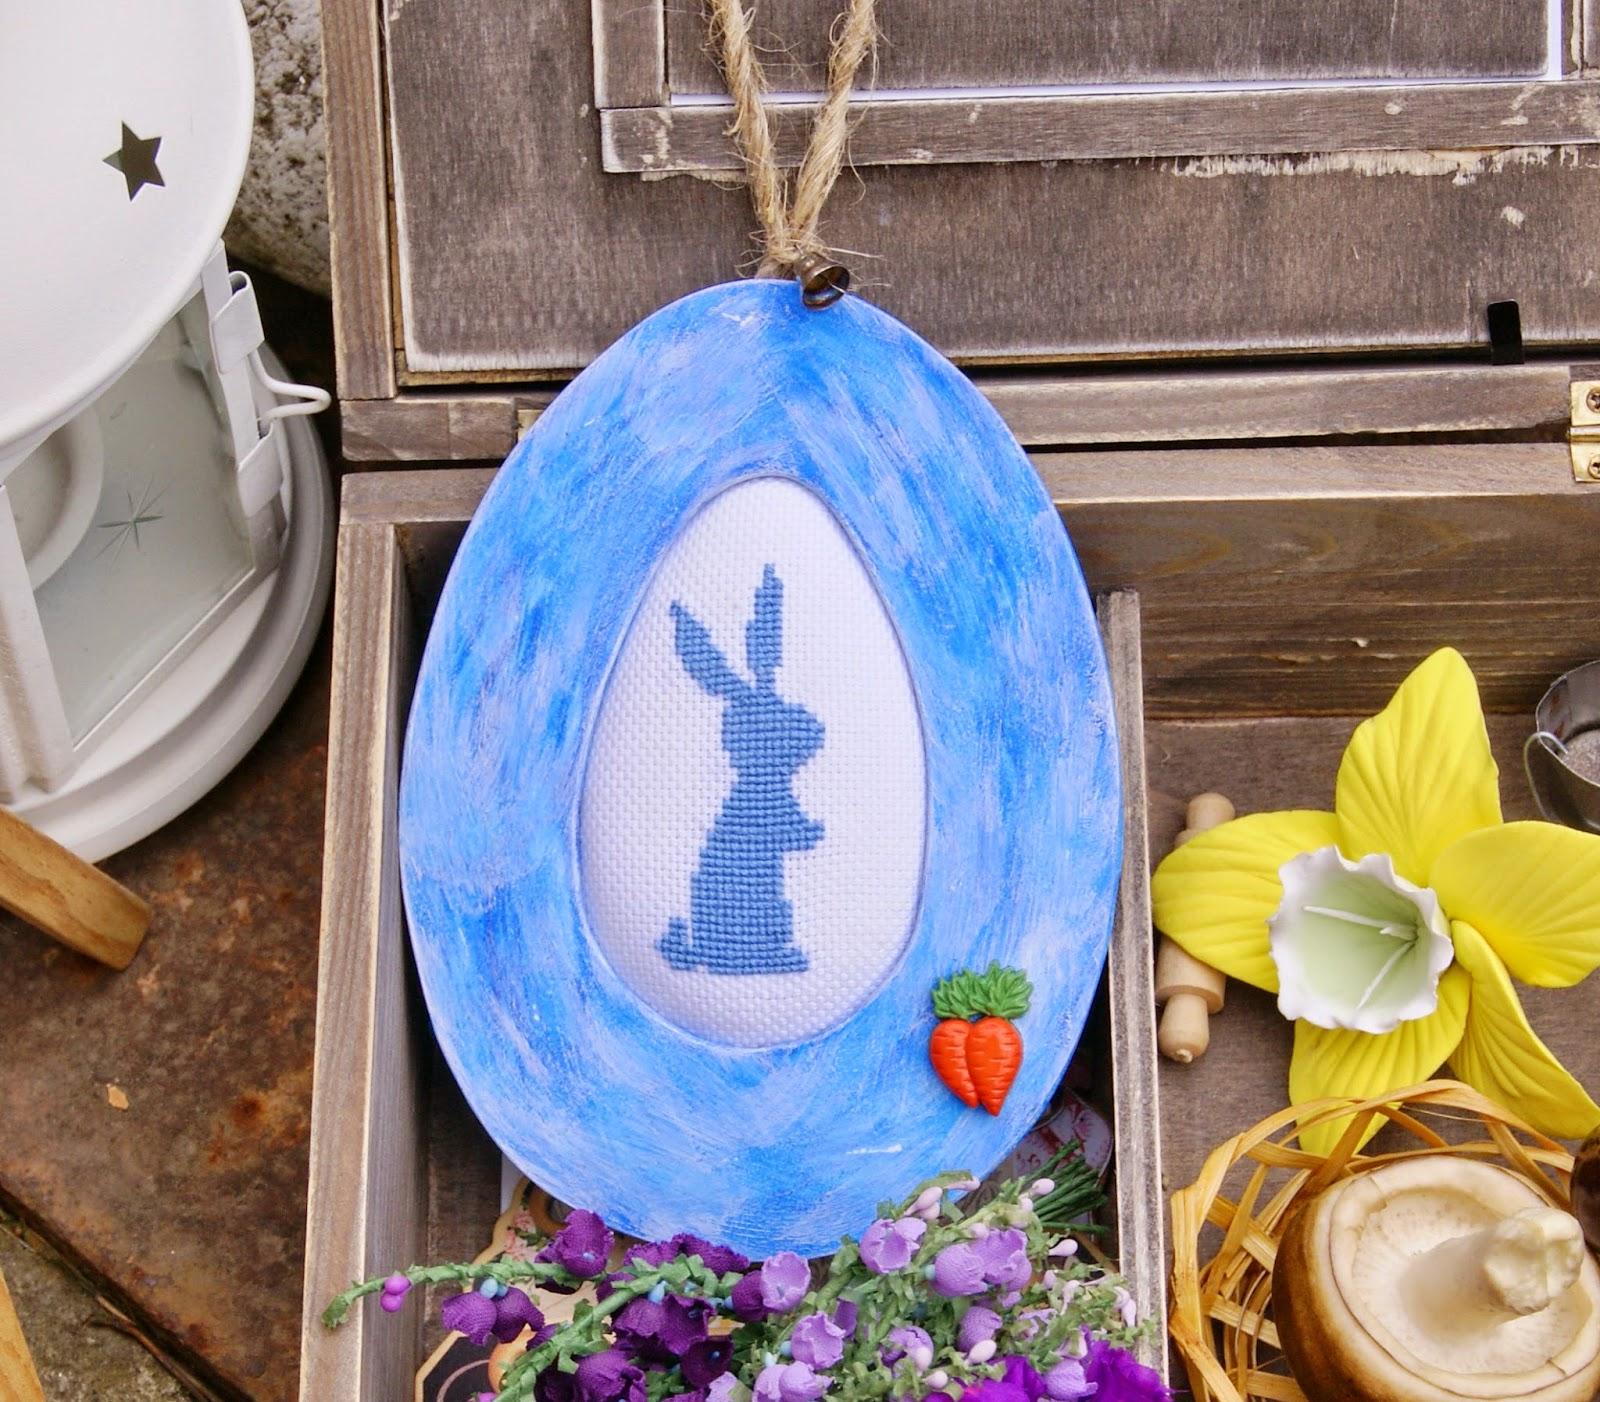 Пасхальный кролик, пасхальная вышивка, пасхальный декор, пасхальное яйцо, пасха. подарок к пасхе, пасхальное яйцо с кроликом, Мини вышивка, мини вышивка животные, пасхальный декор, подарок на пасху, вышивка крестиком, лавандовый, кролик лавандовый, пасхальное панно на стену, пасхальная вышивка, декоративное панно, декор интерьера, пасхальное яйцо, яйцо на пасху, яйцо в подарок, лавандовое яйцо, вышитое яйцо, ручная вышивка, подарок на Пасху, Пасха, пинкип пасхальный